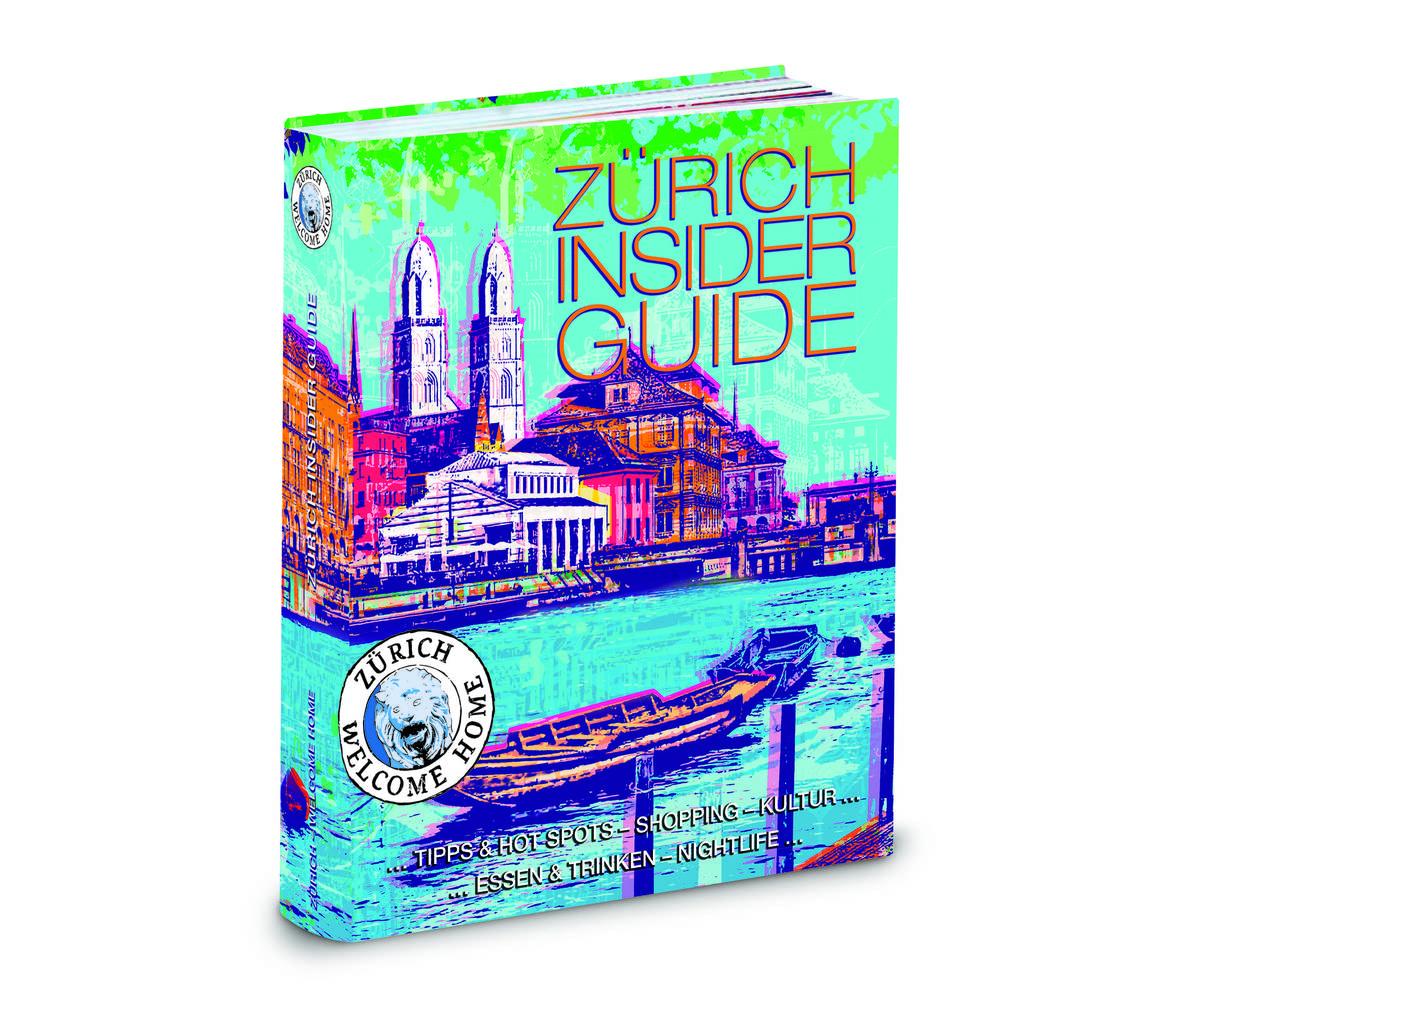 ZWH-Buch Blau stehend_01